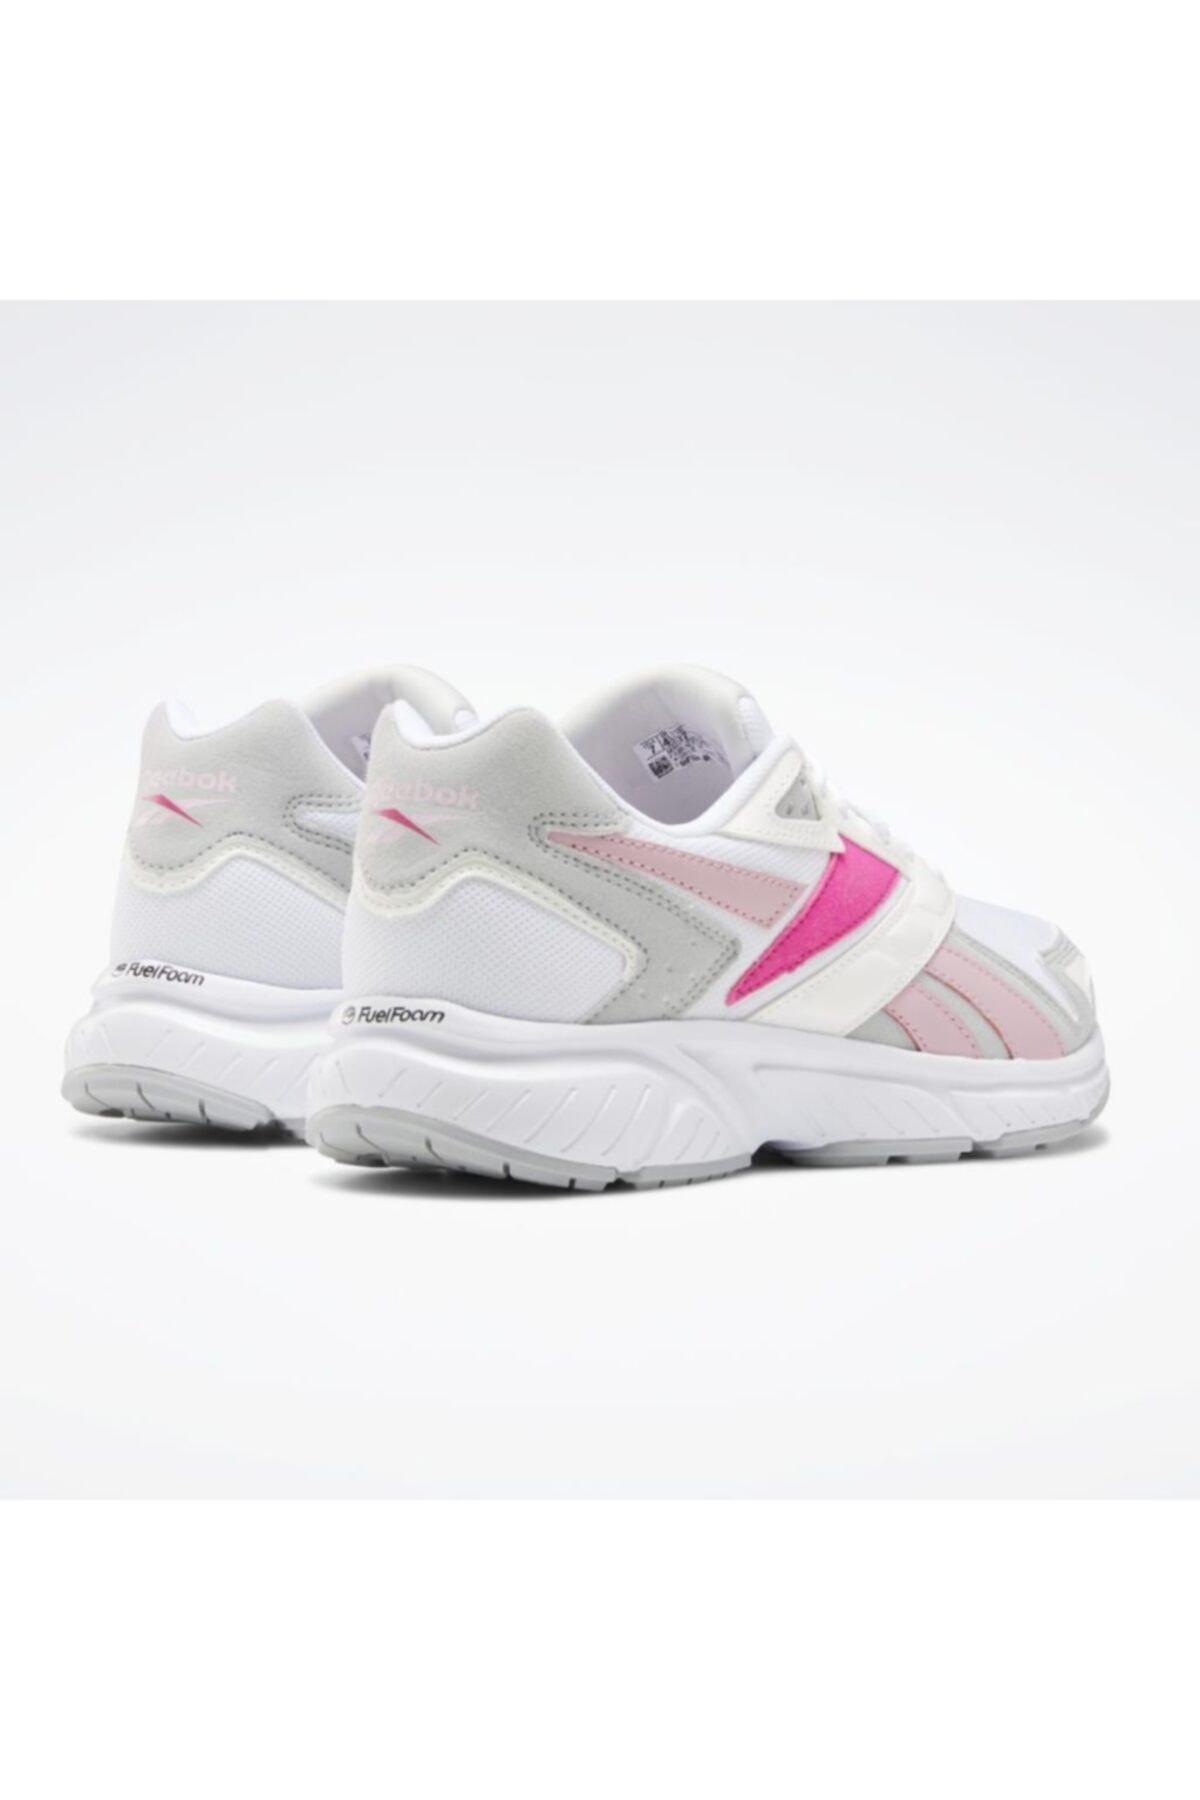 Reebok ROYAL HYPERIUM Gri Kadın Sneaker Ayakkabı 100664861 2